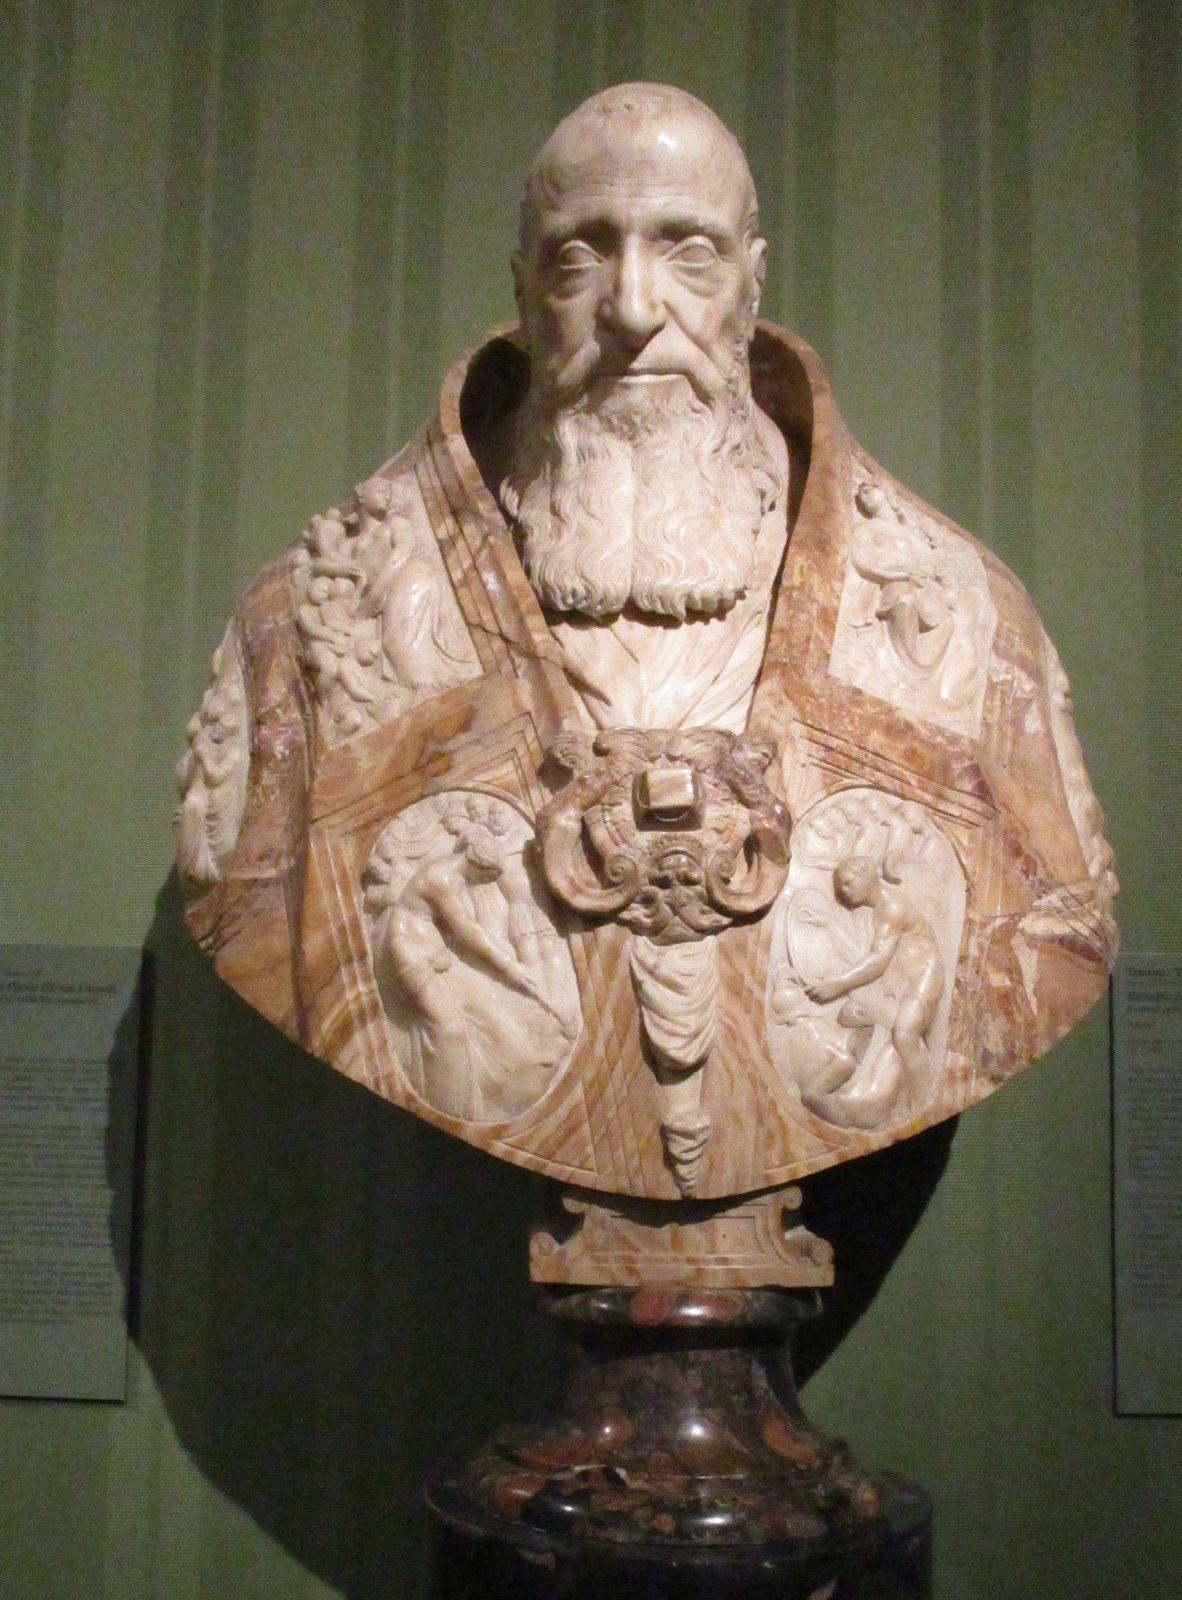 Paolo III - Marbre et albâtre - Guglielmo della Porta, vers 1560